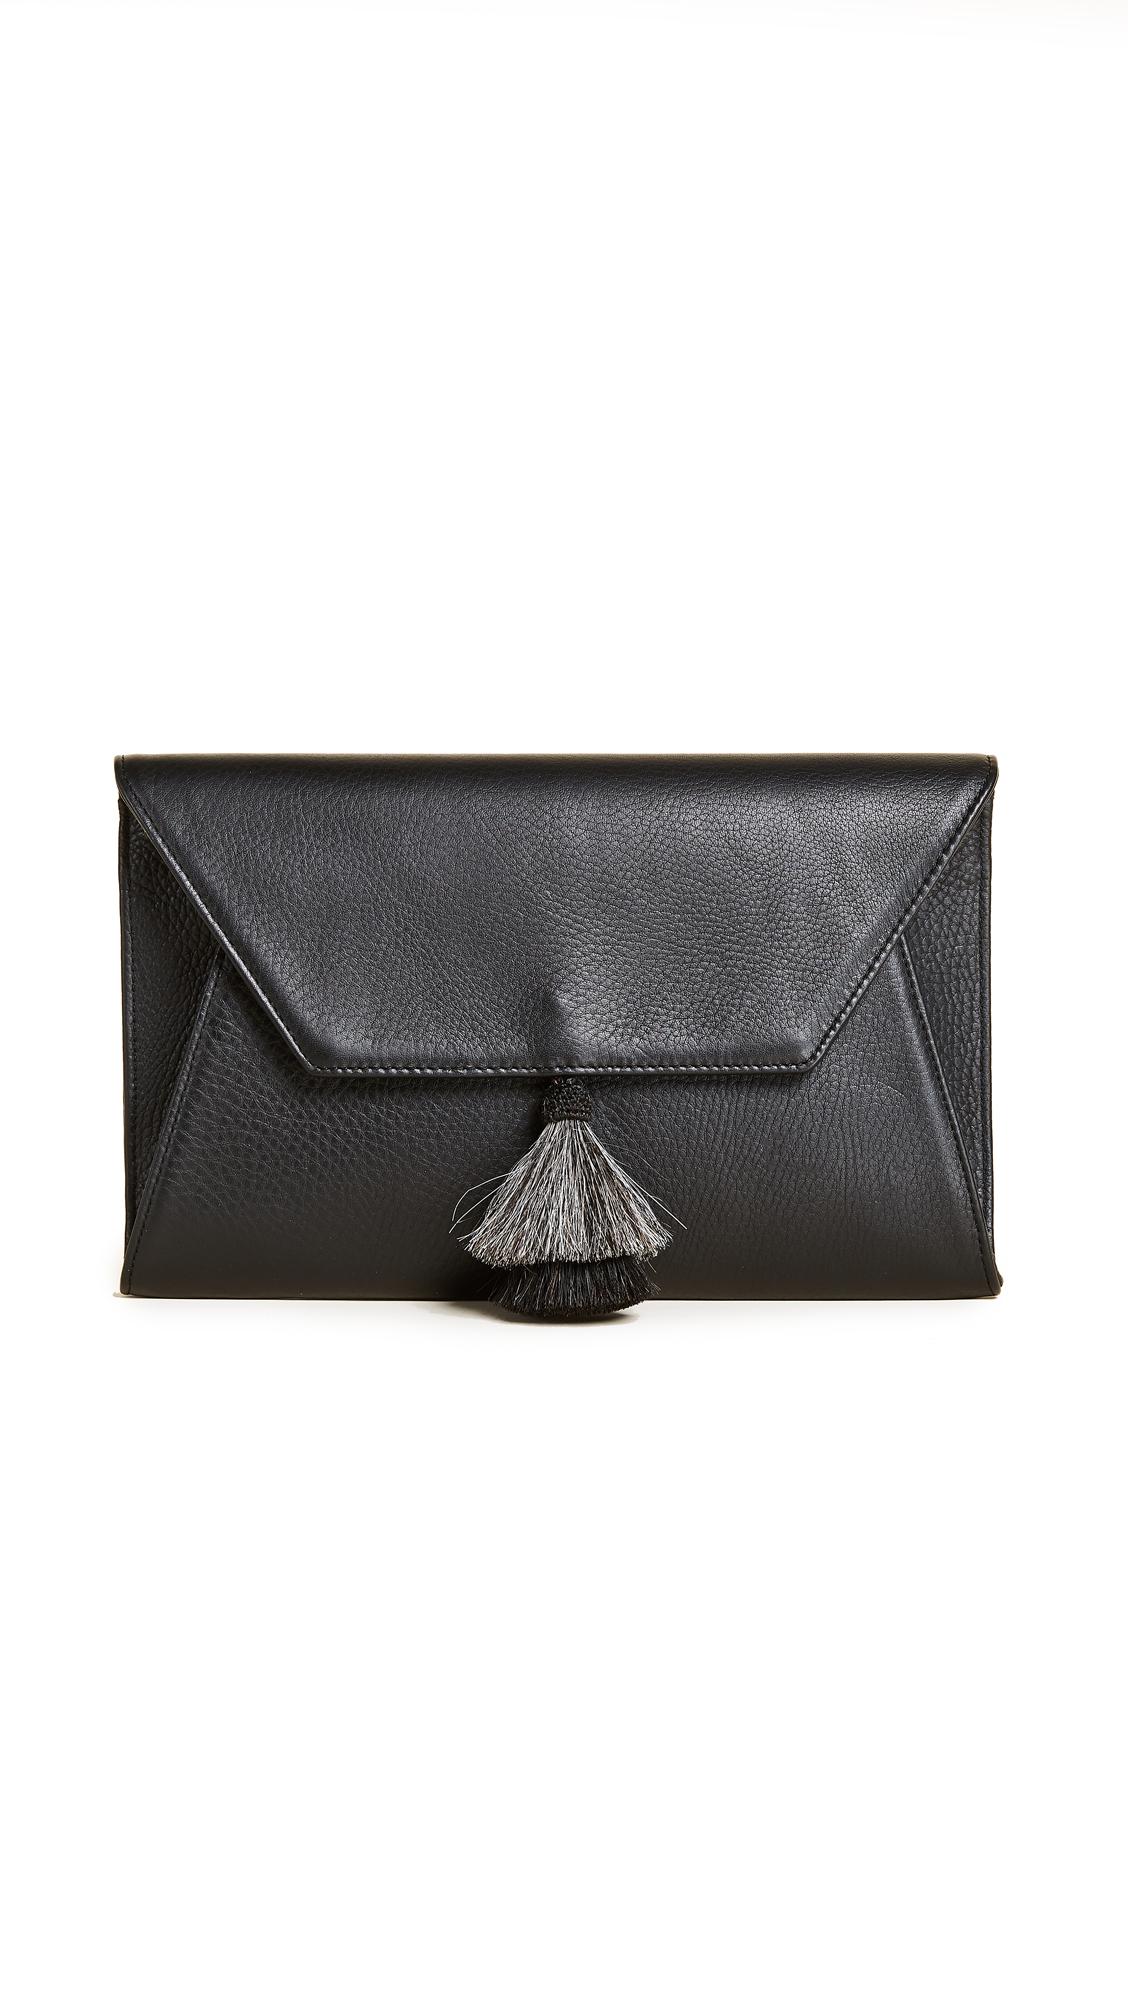 Oliveve Cleo Envelope Clutch With Tassel - Black